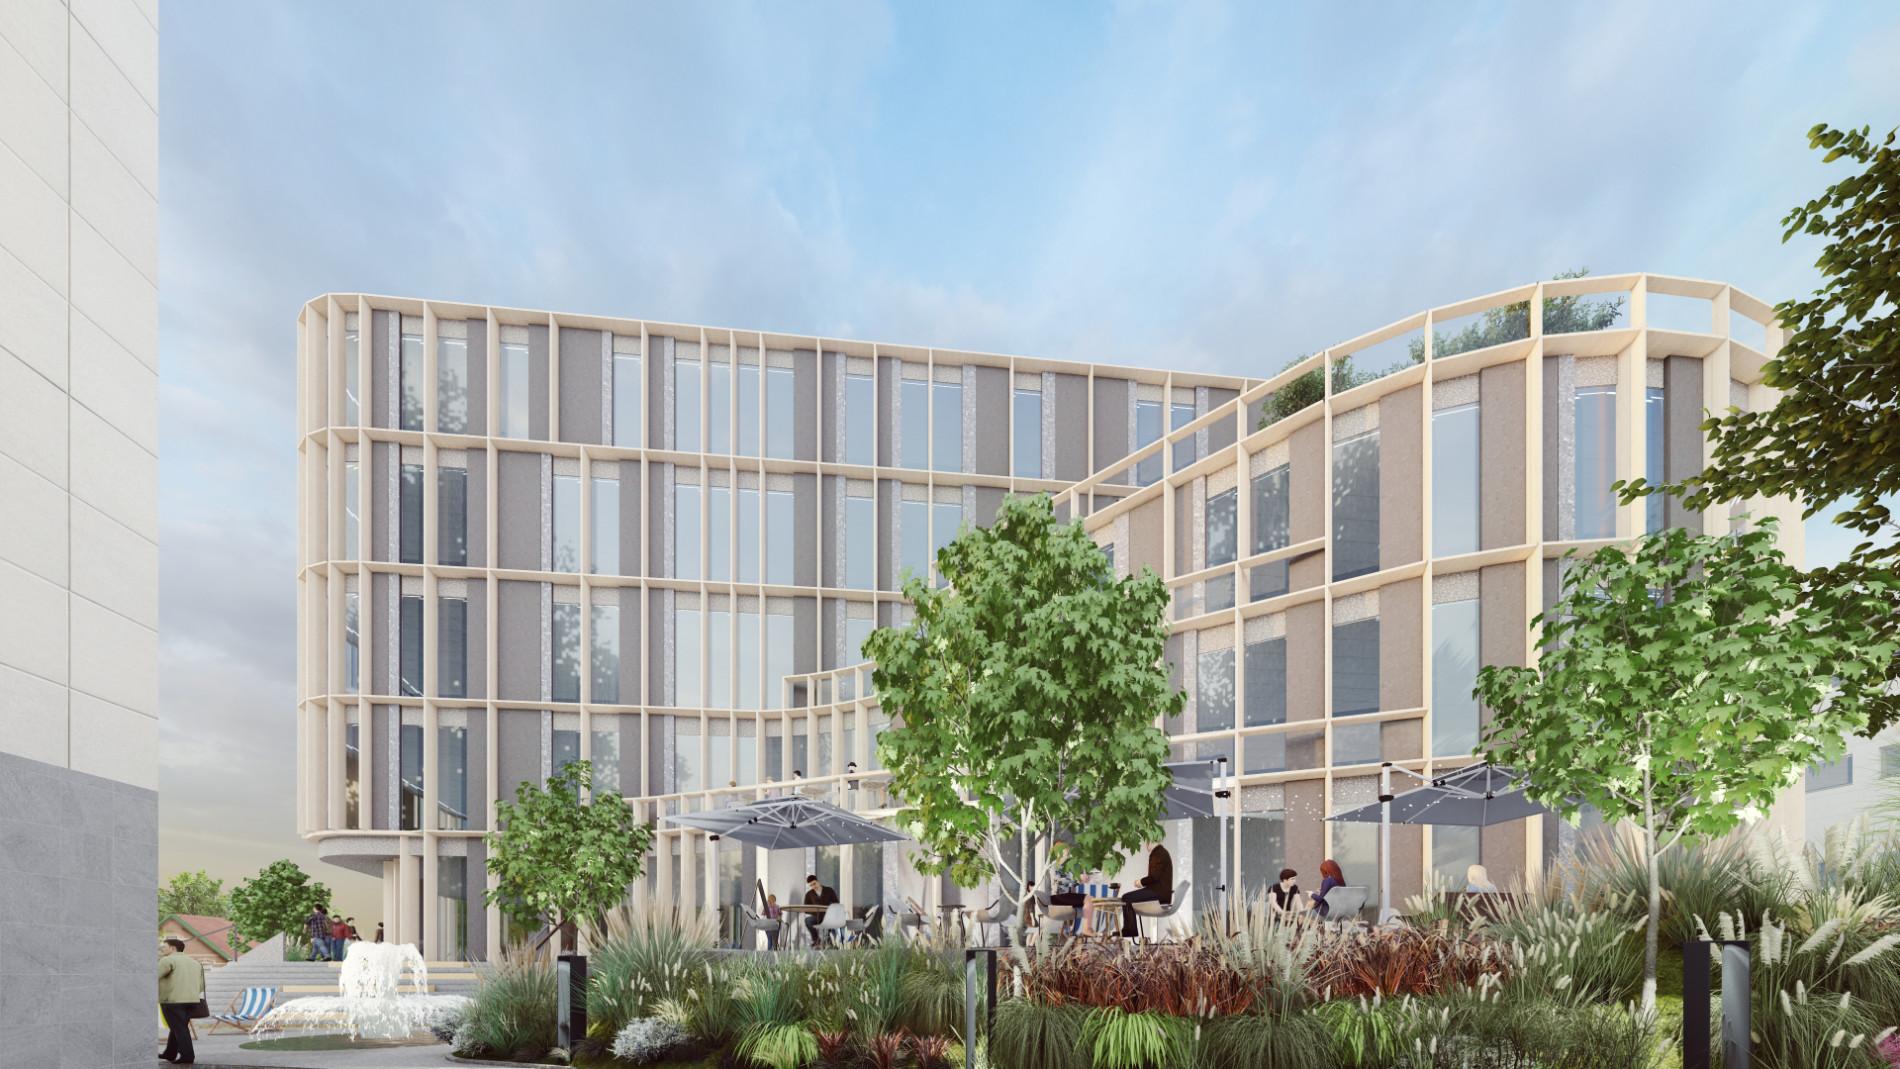 Widok naboczną fasadę budynku biurowego zlokalizowanego wPoznaniu zwidocznym tarasem przeznaczonym dla pracowników biurowych